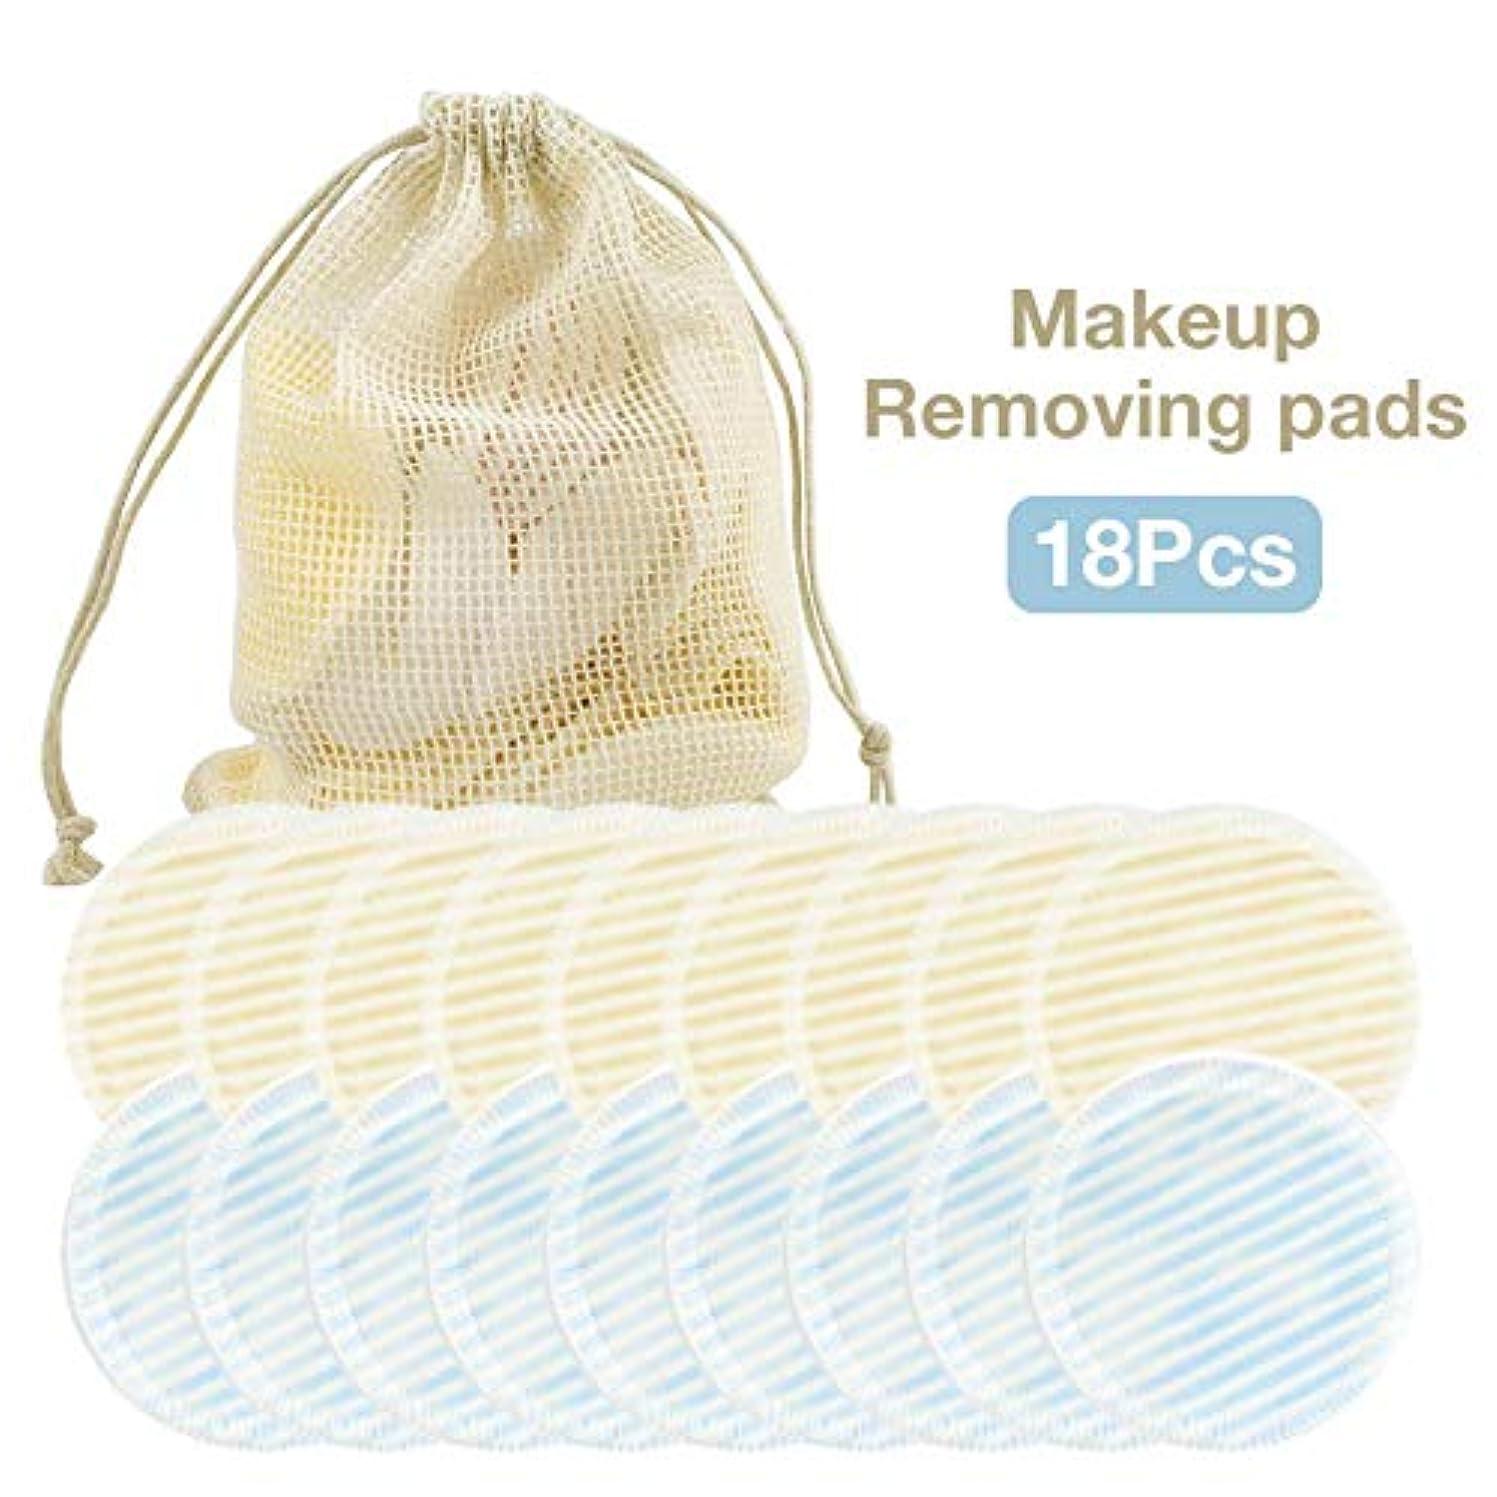 避難するオープニング持っている化粧パッド 化粧除去コットンパッド 繊維素材 柔らかい 持ち運びが容易 使いやすい バッグ付き 再利用可能 18個パッド